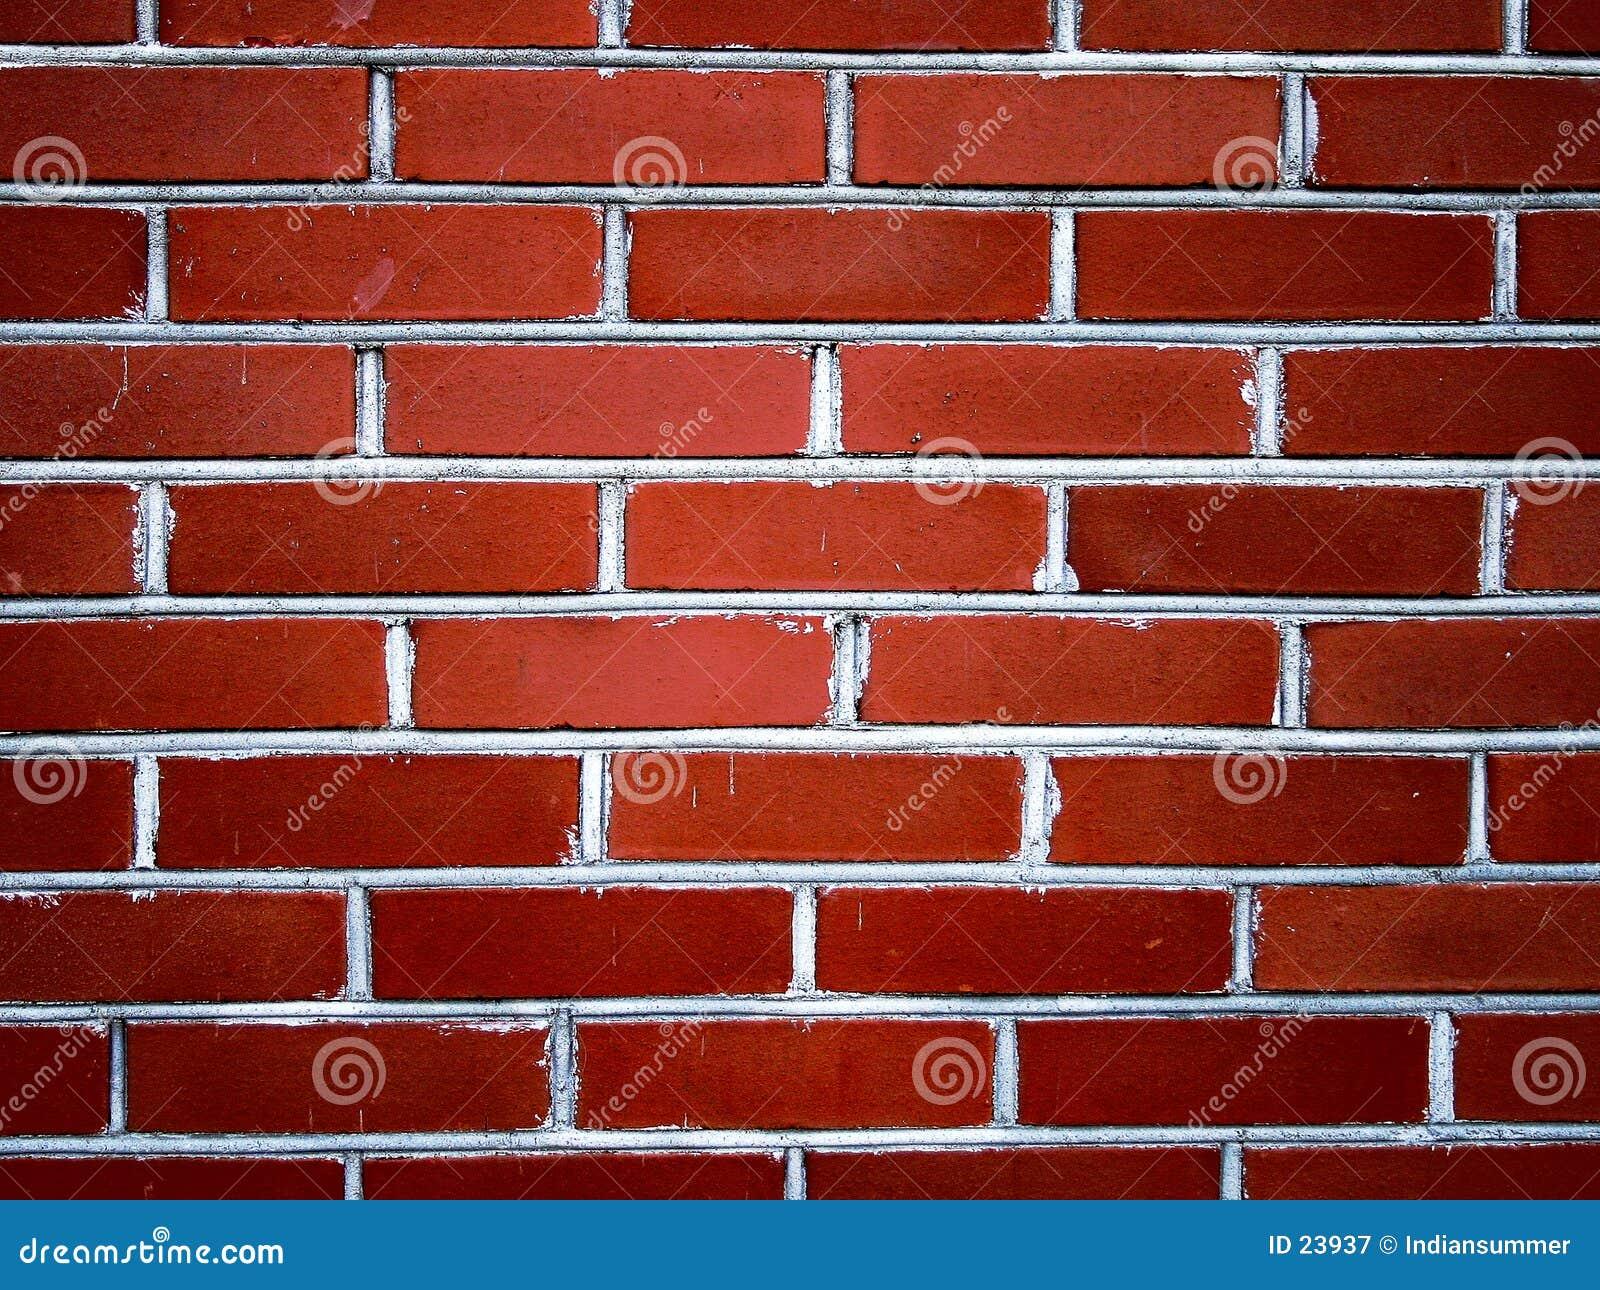 wand der roten ziegelsteine ii stockbild bild von ziegelstein sonderkommandos 23937. Black Bedroom Furniture Sets. Home Design Ideas